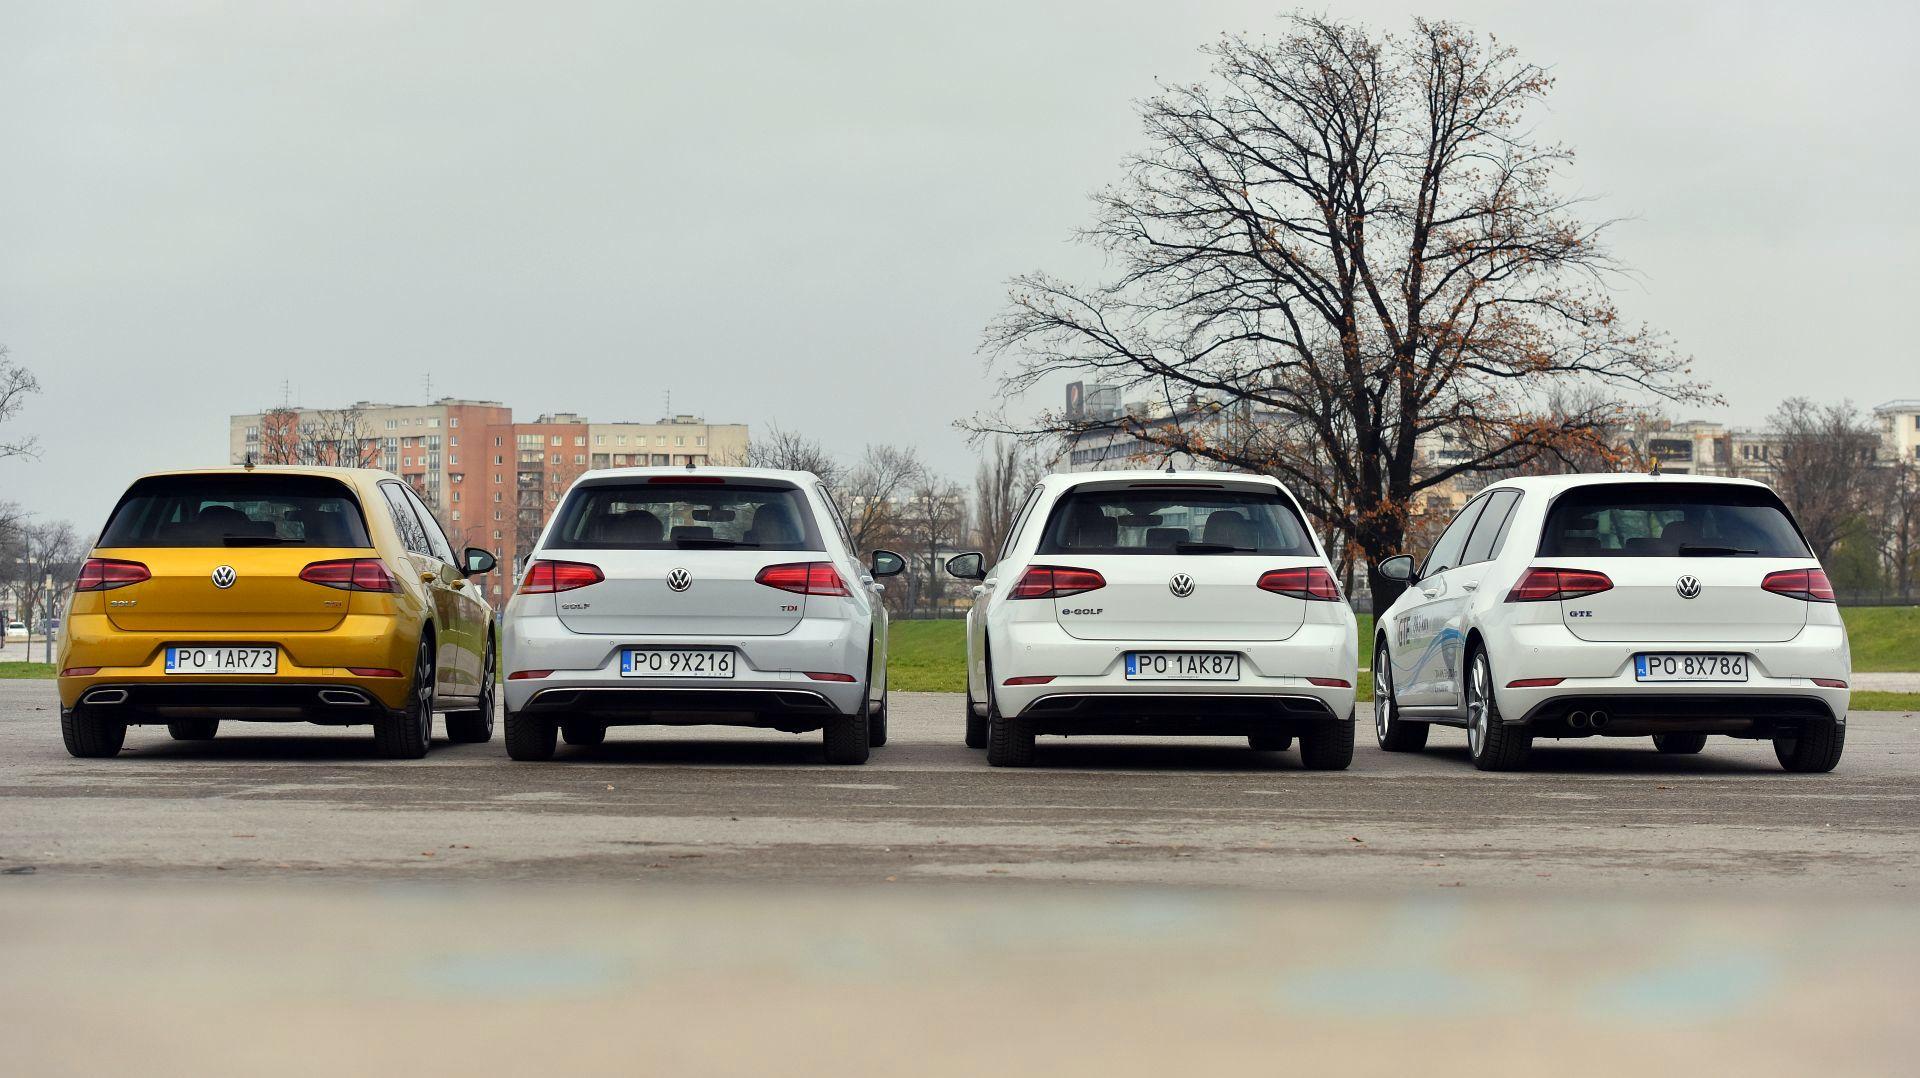 4 x Volkswagen Golf